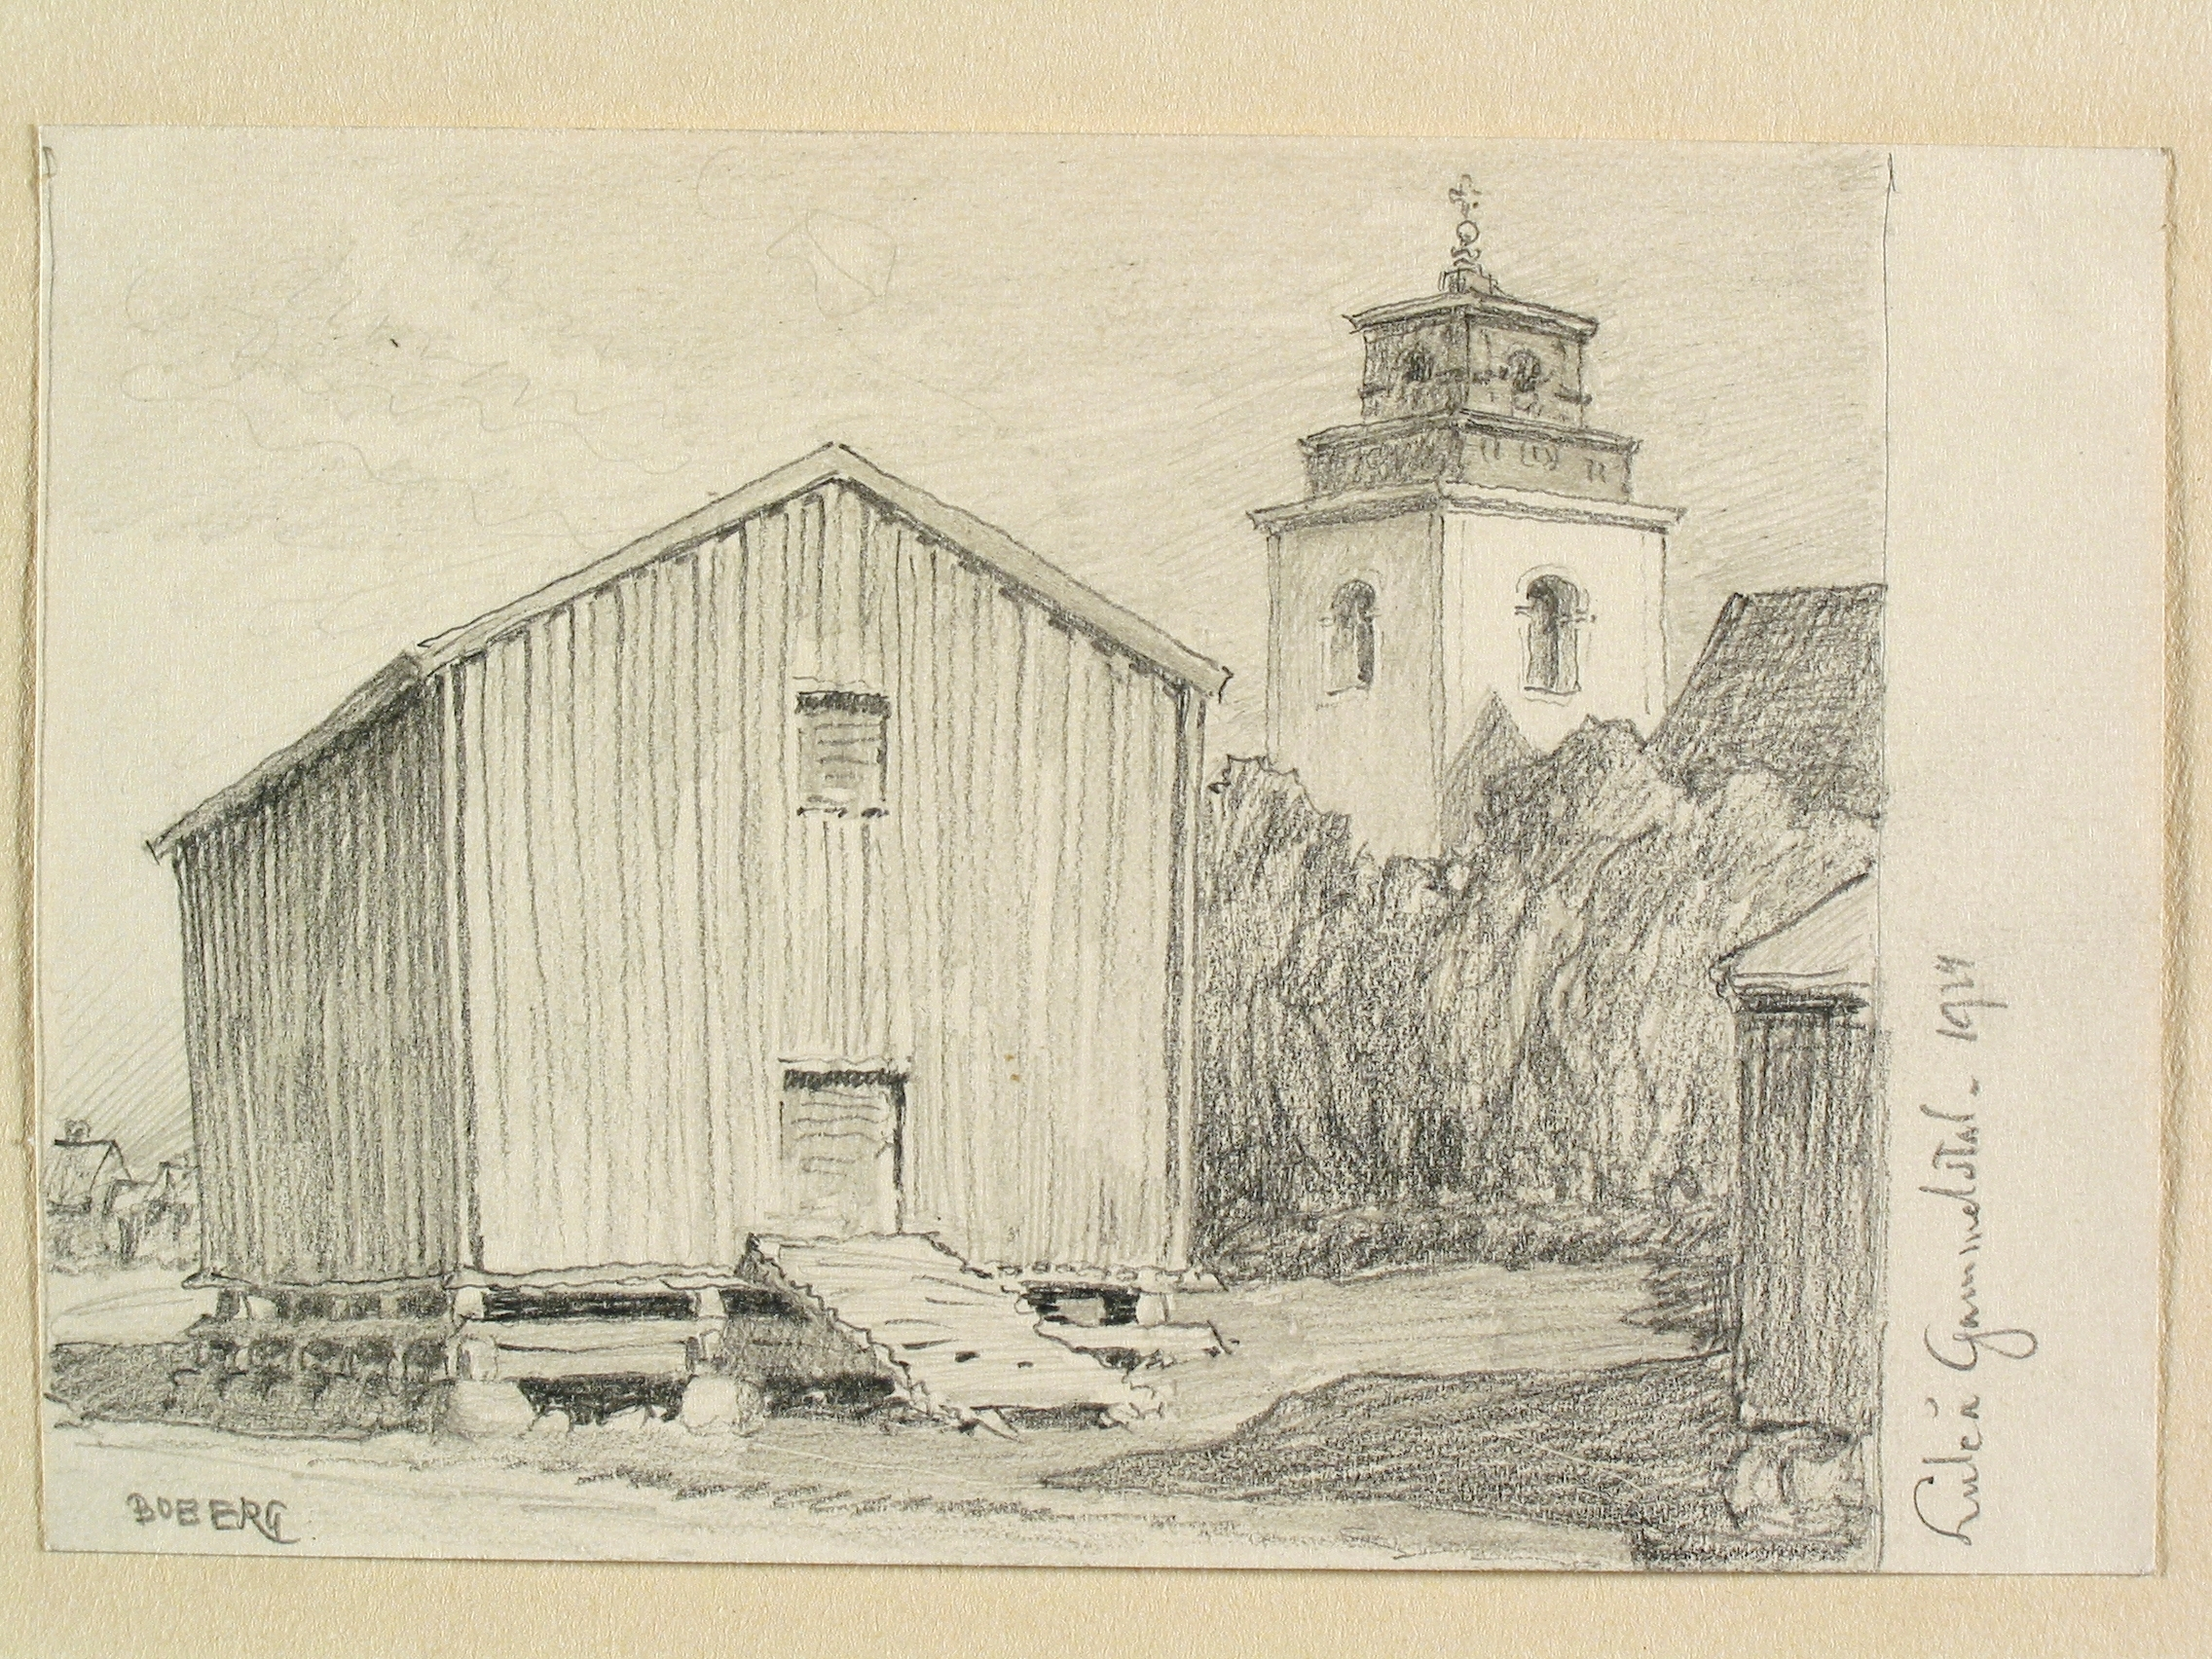 Fil:Nederlule kyrka - KMB - patient-survey.net Wikipedia